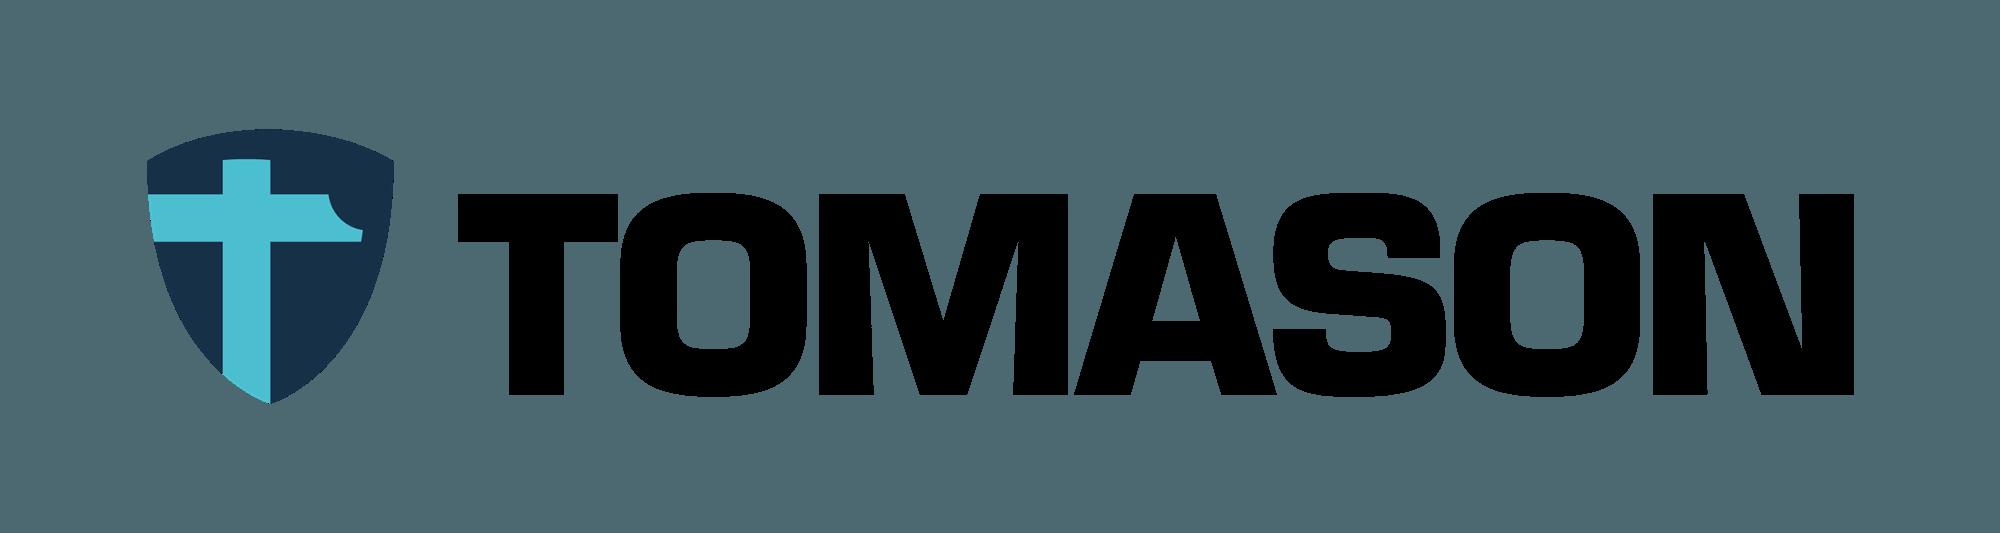 tomason-markenauftritt